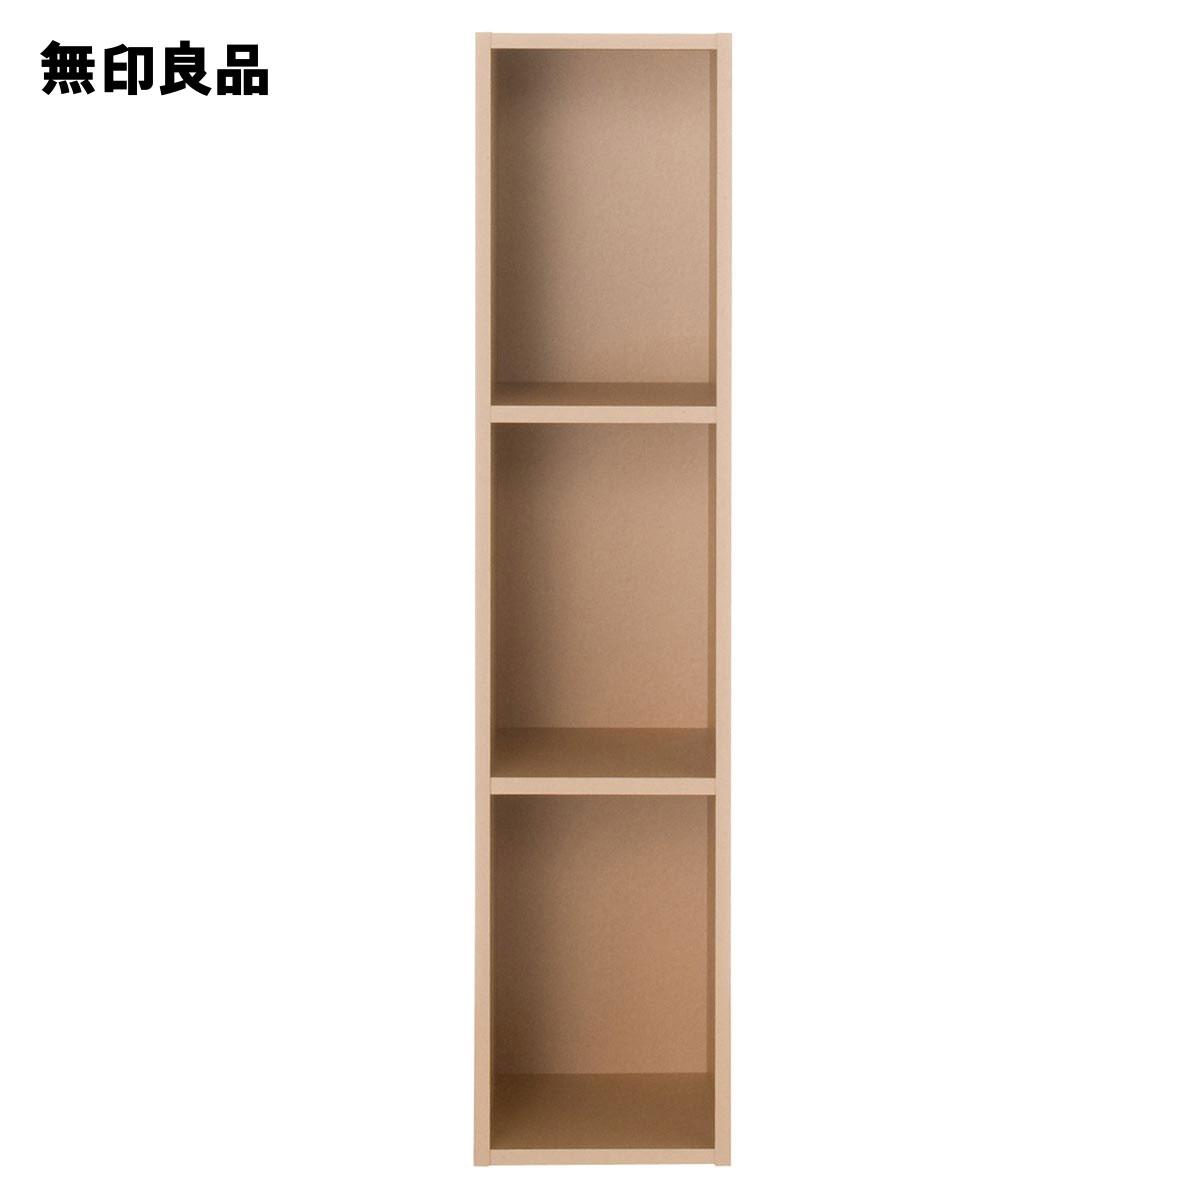 【無印良品 公式】パルプボードボックス・スリム・3段/ベージュ幅25×奥行29×高さ109cm